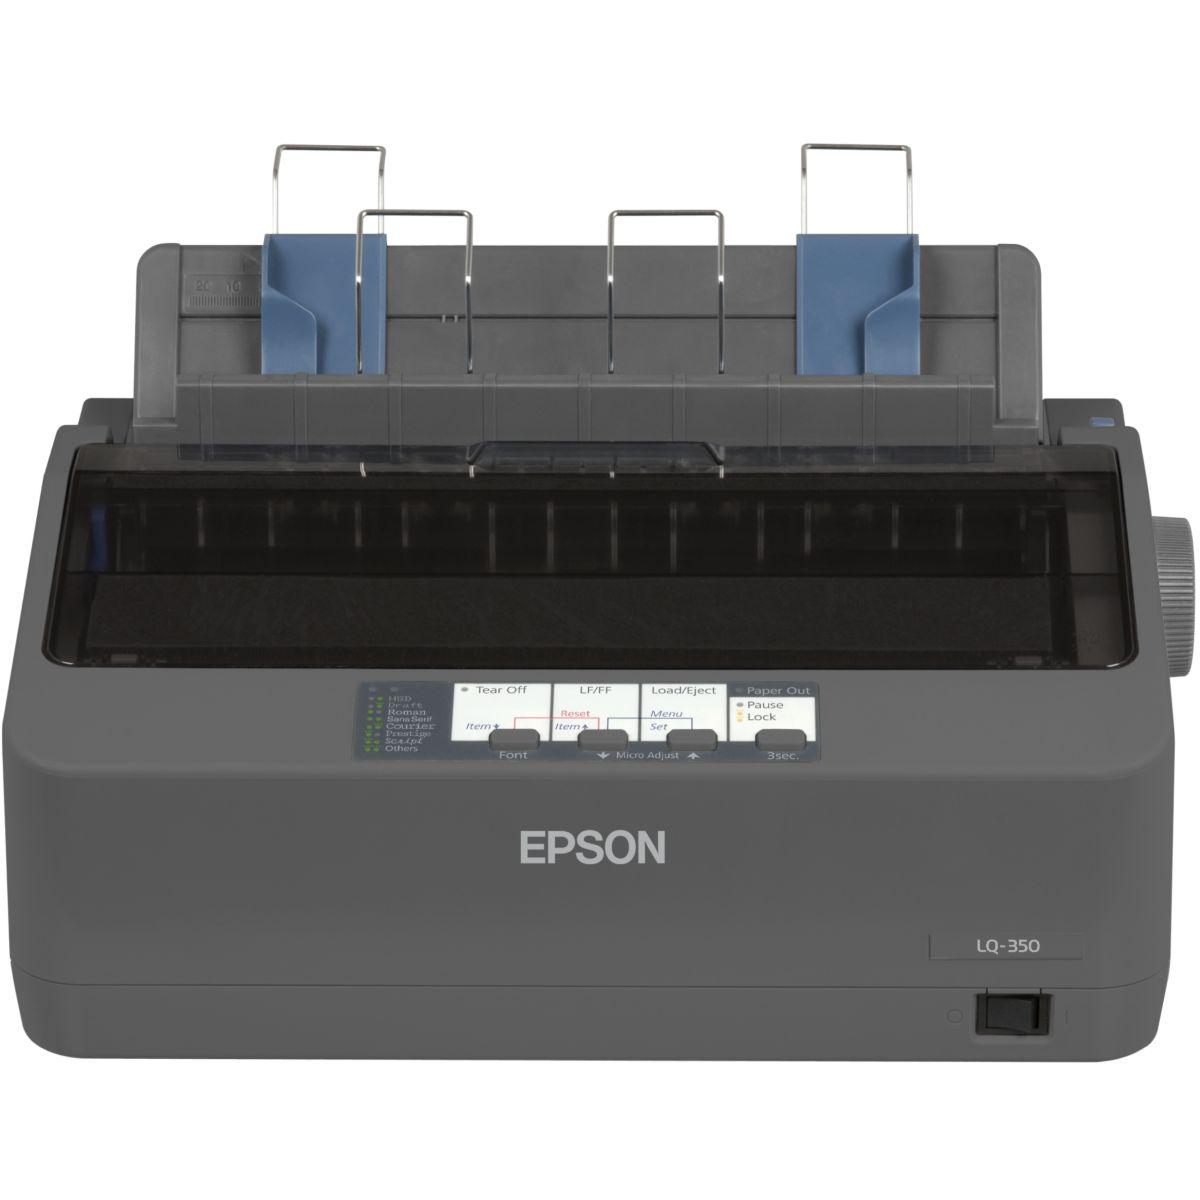 Imprimante matricielle epson 24 aiguilles lq-350 - produit coup de coeur webdistrib.com !